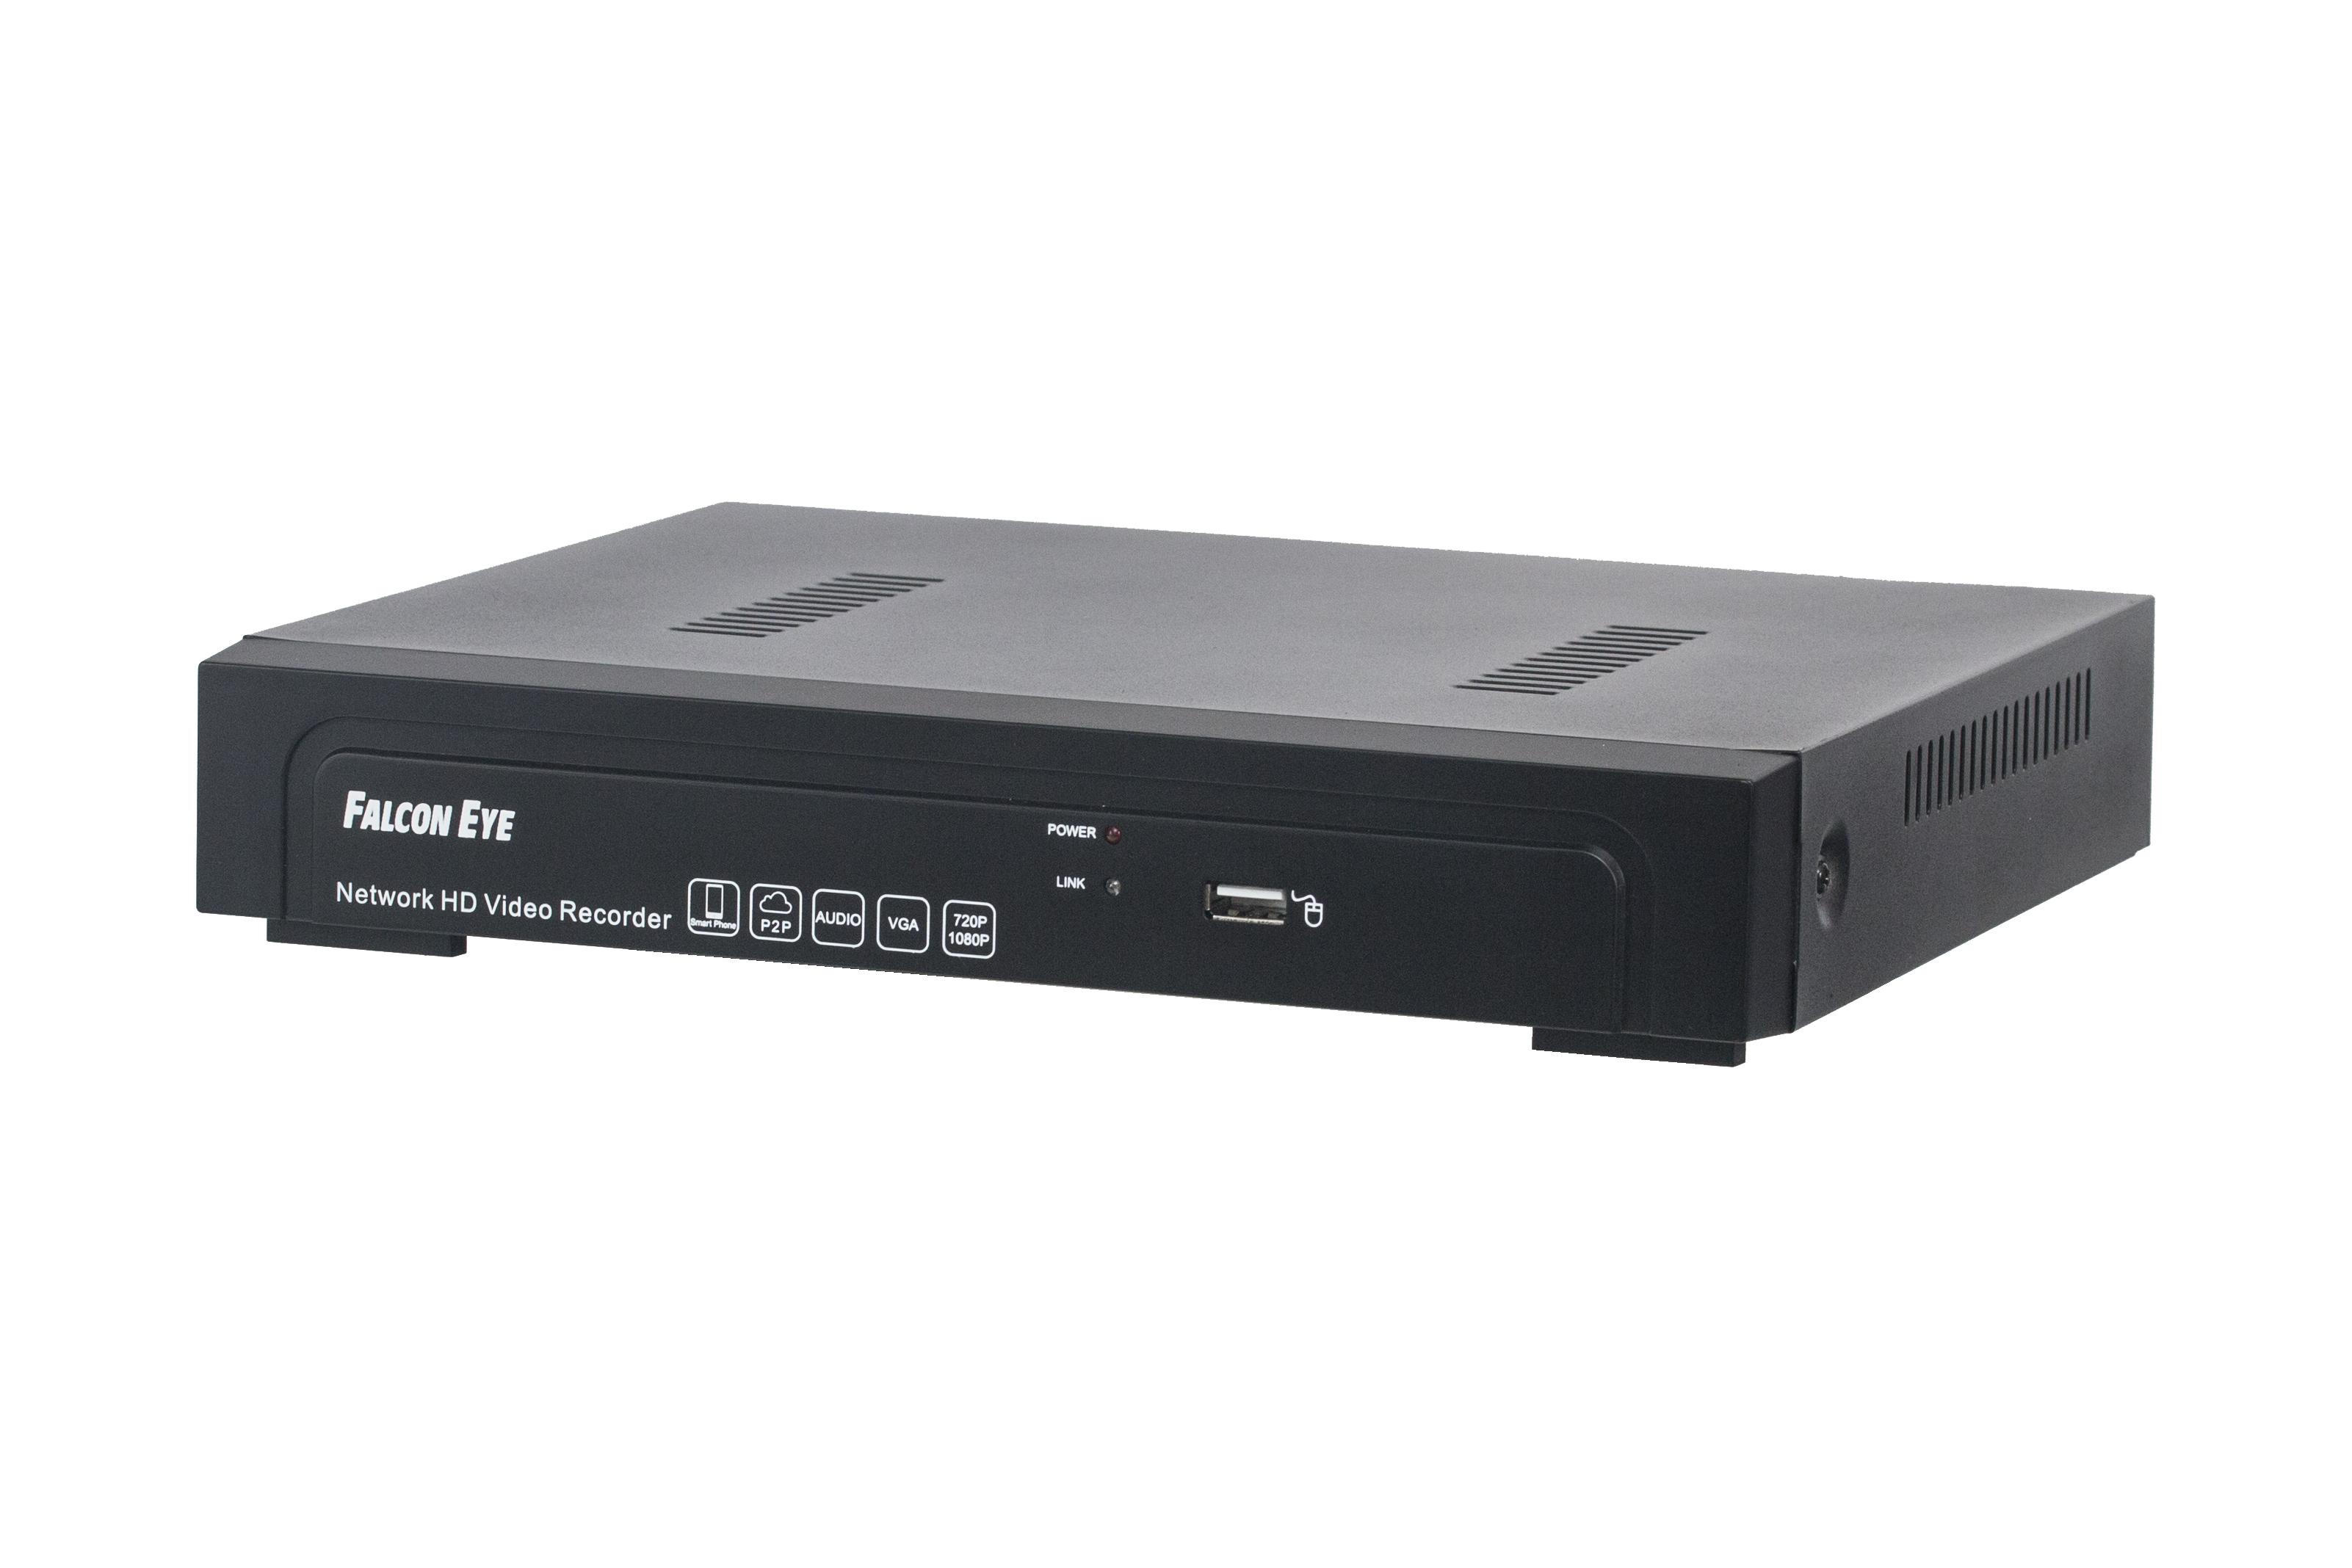 Видеорегистратор Falcon eyeАксессуары для систем видеонаблюдения<br>Назначение: видеорегистратор,<br>Тип: видеорегистратор,<br>Температура: -10C...... +55C,<br>Количество каналов: 10<br>